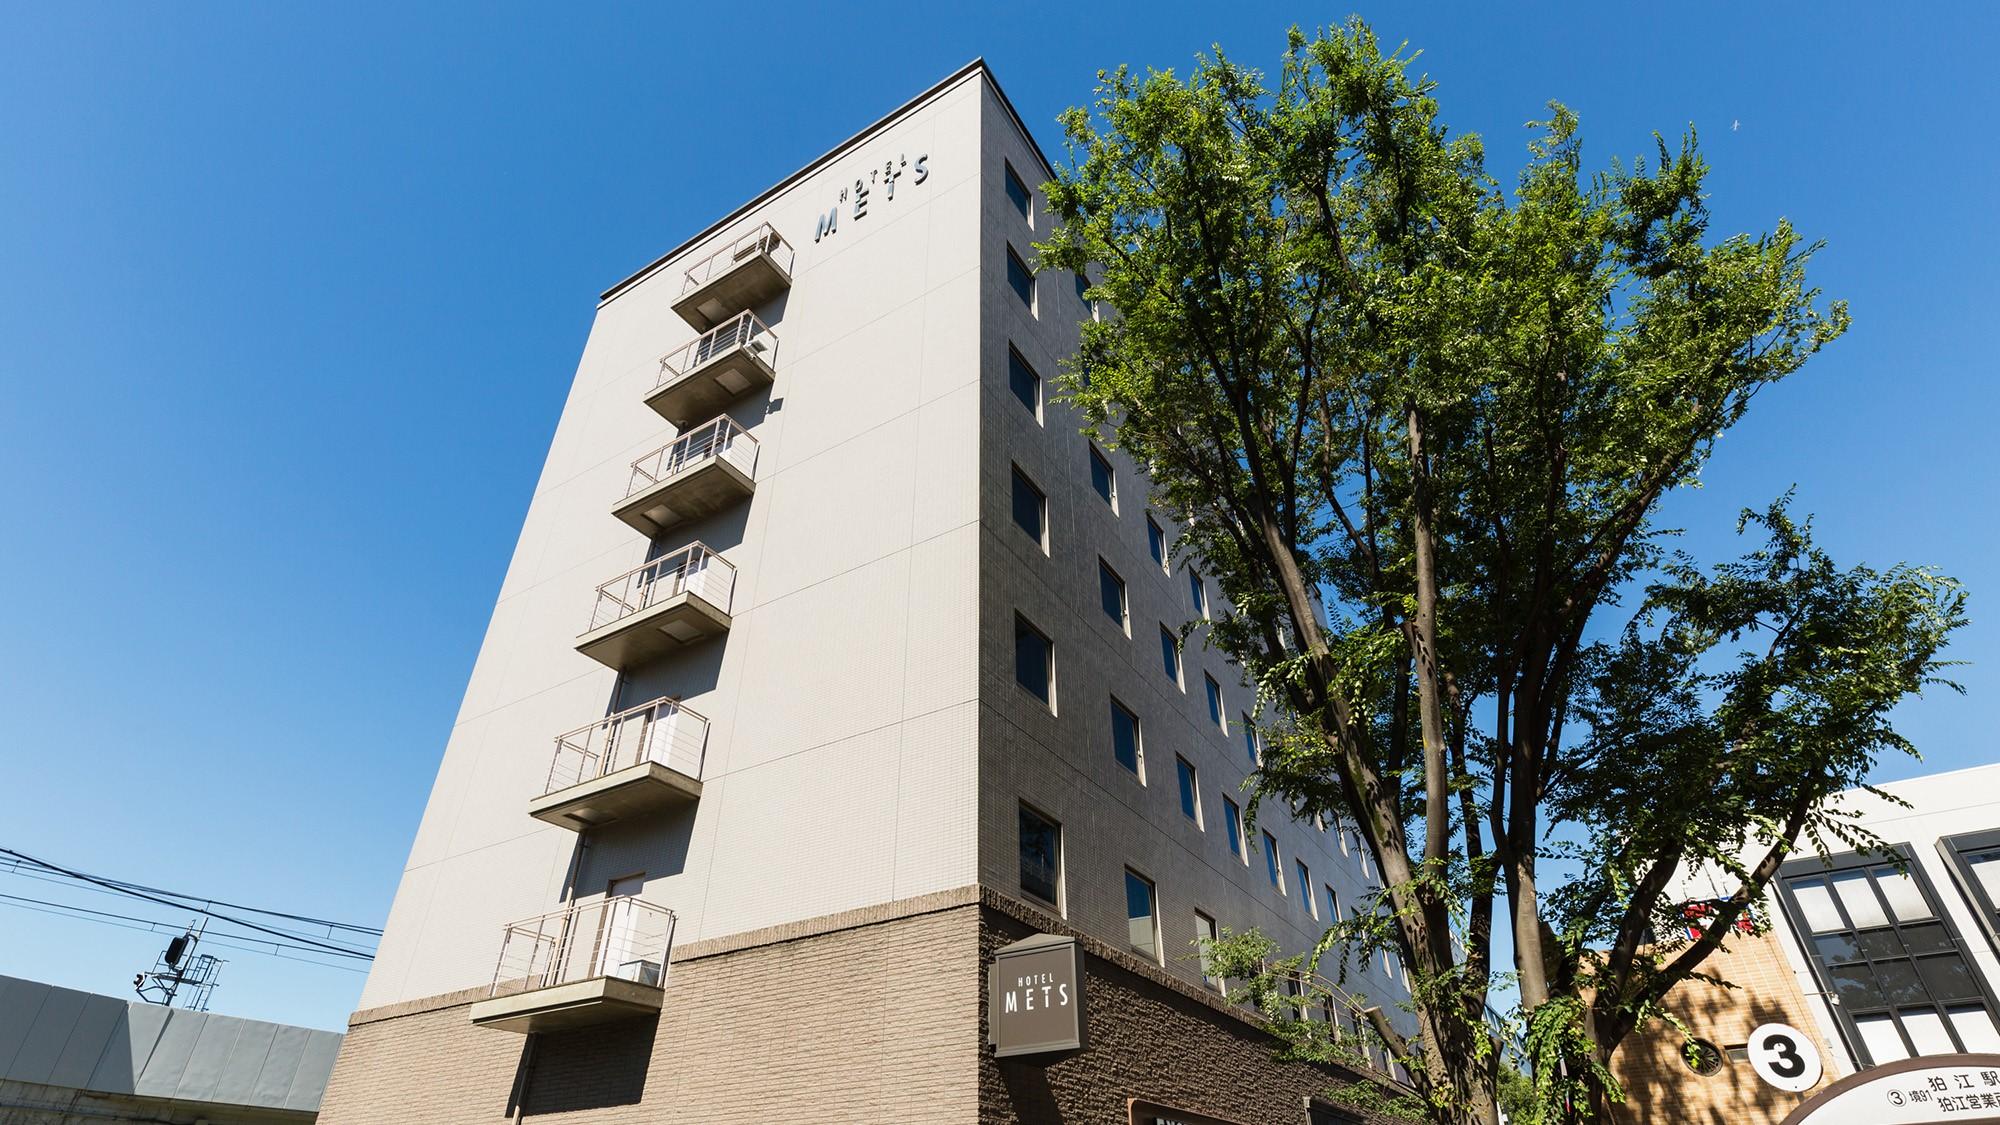 JR東日本ホテルメッツ武蔵境 image